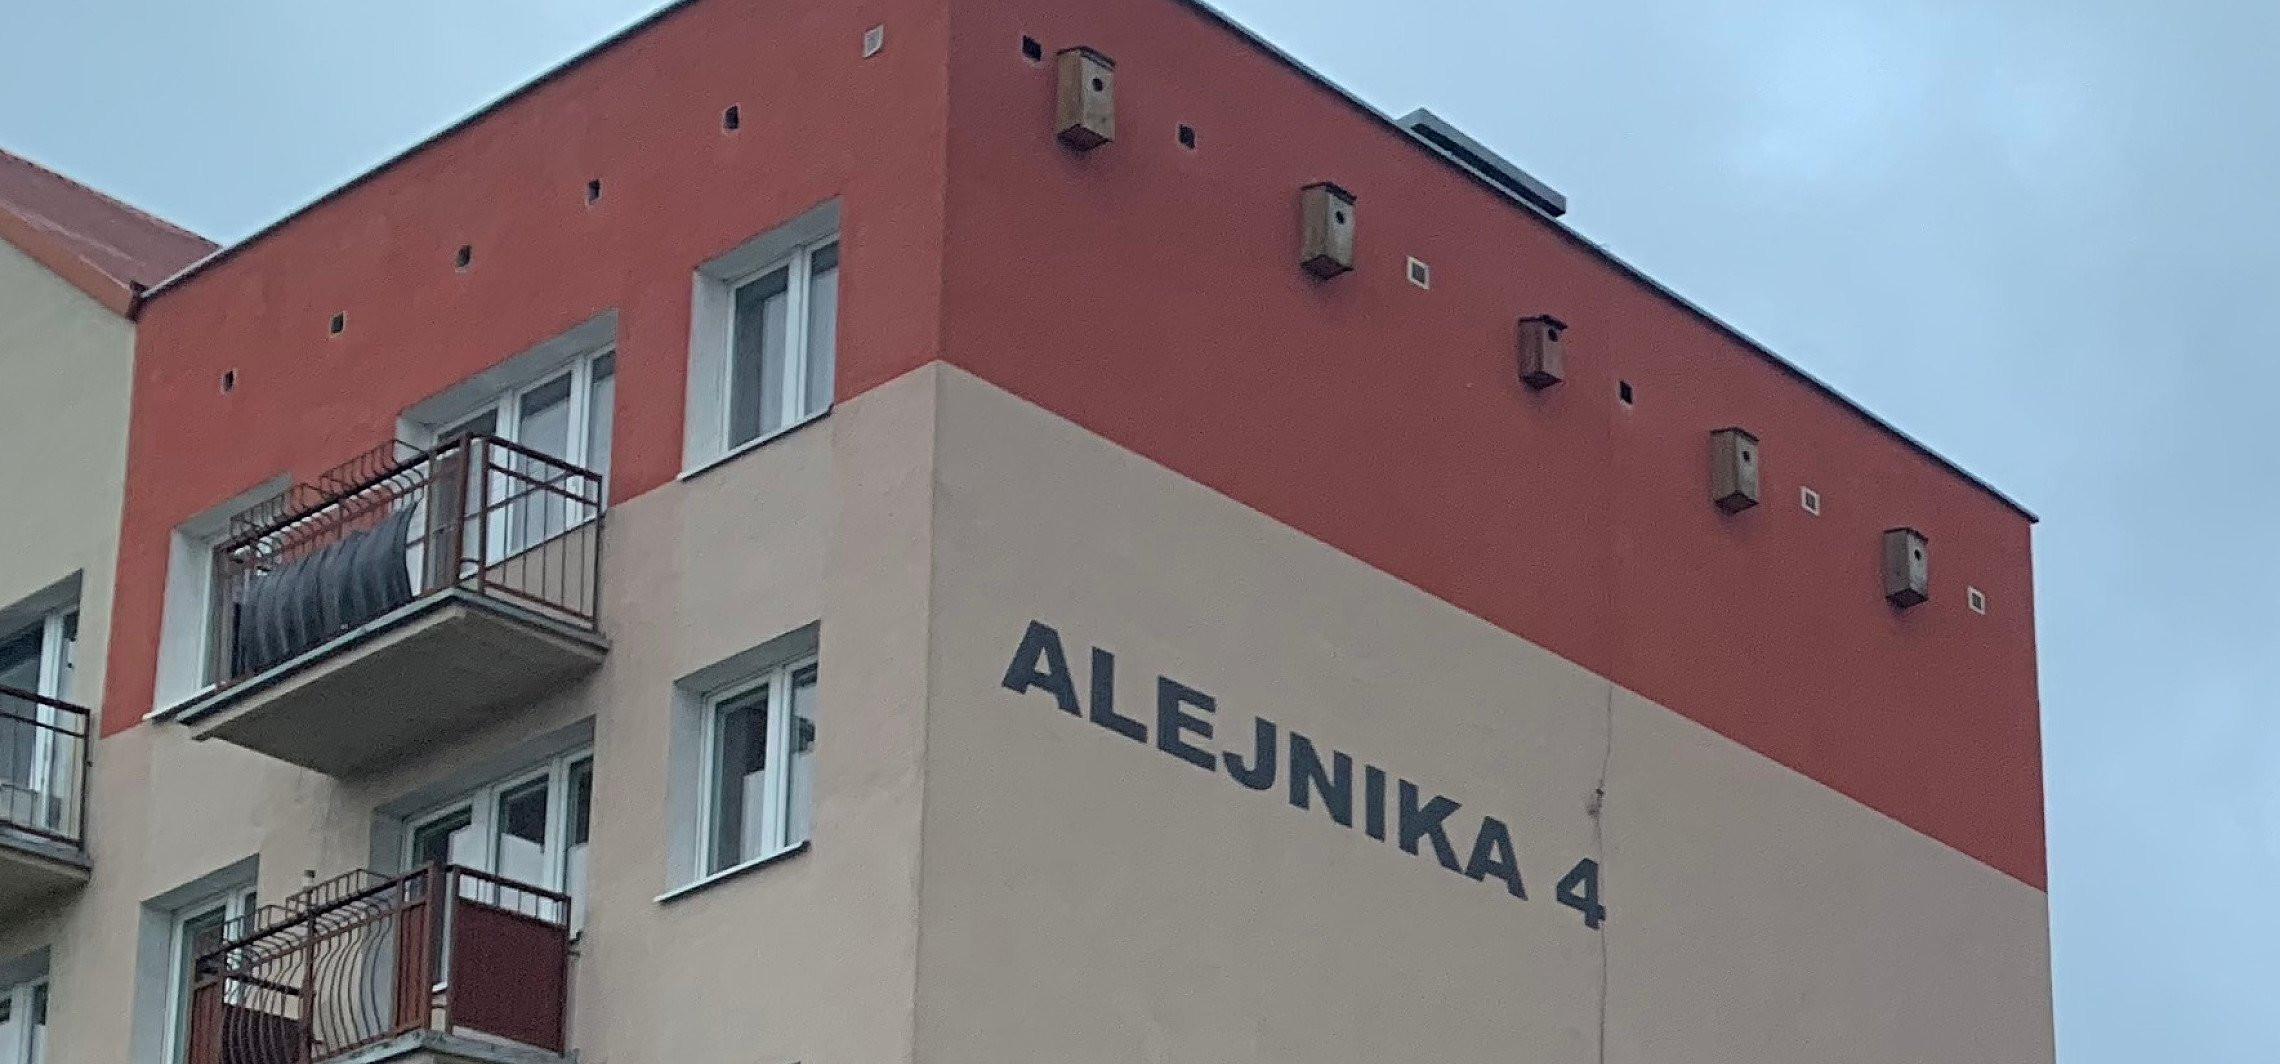 Inowrocław - Miasto zamierza zaskarżyć decyzję ws. Alejnika